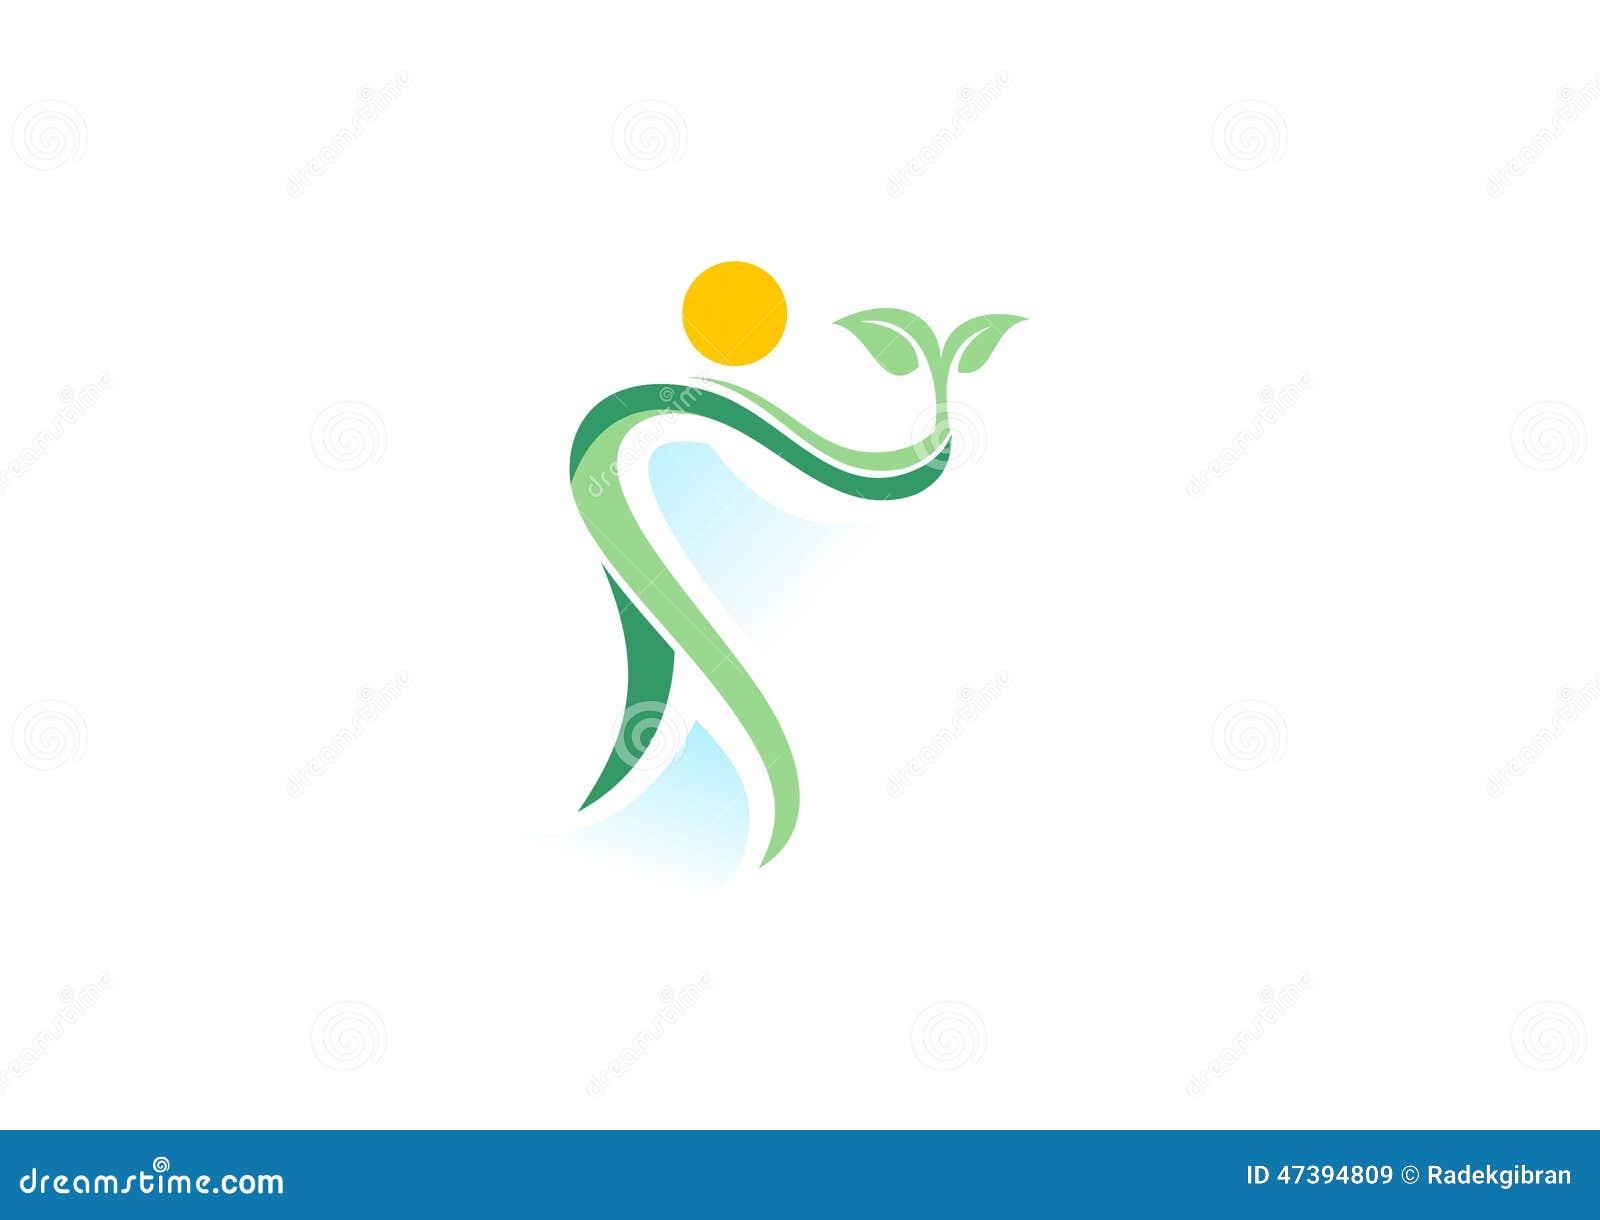 La Gente Pianta Stazione Termale Logo Benessere Naturale Di Salute Icona Di Simbolo Di Ecologia Illustrazione Vettoriale Illustrazione Di Ecologia Amichevole 47394809